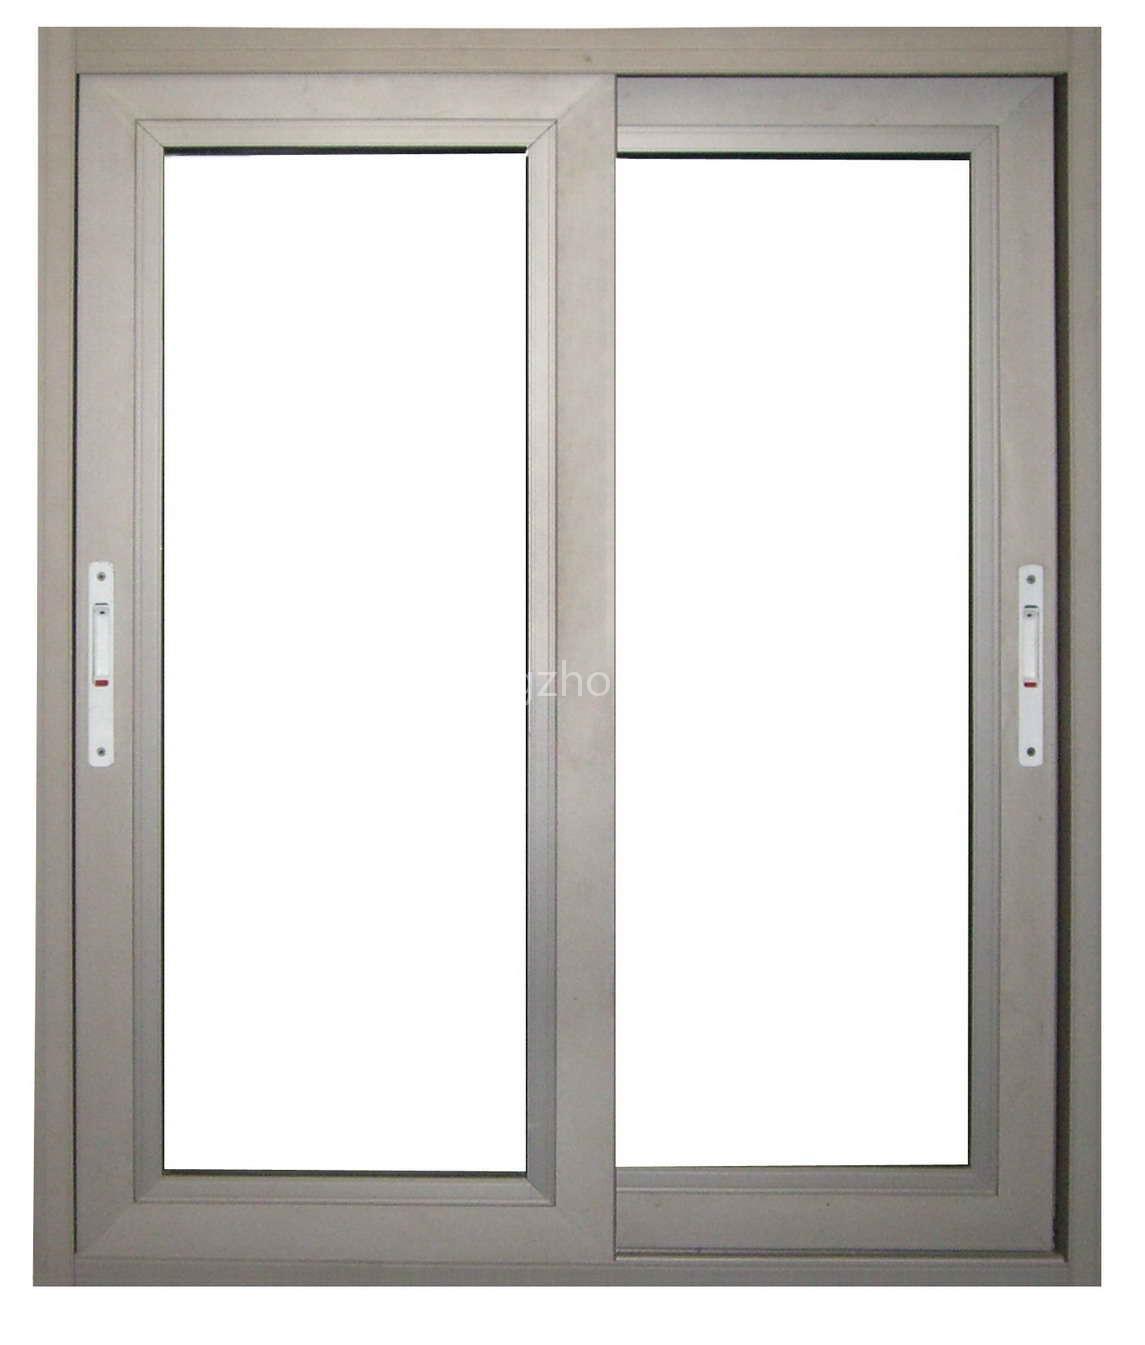 Double Sliding Windows : China latest design double glazing aluminum sliding window